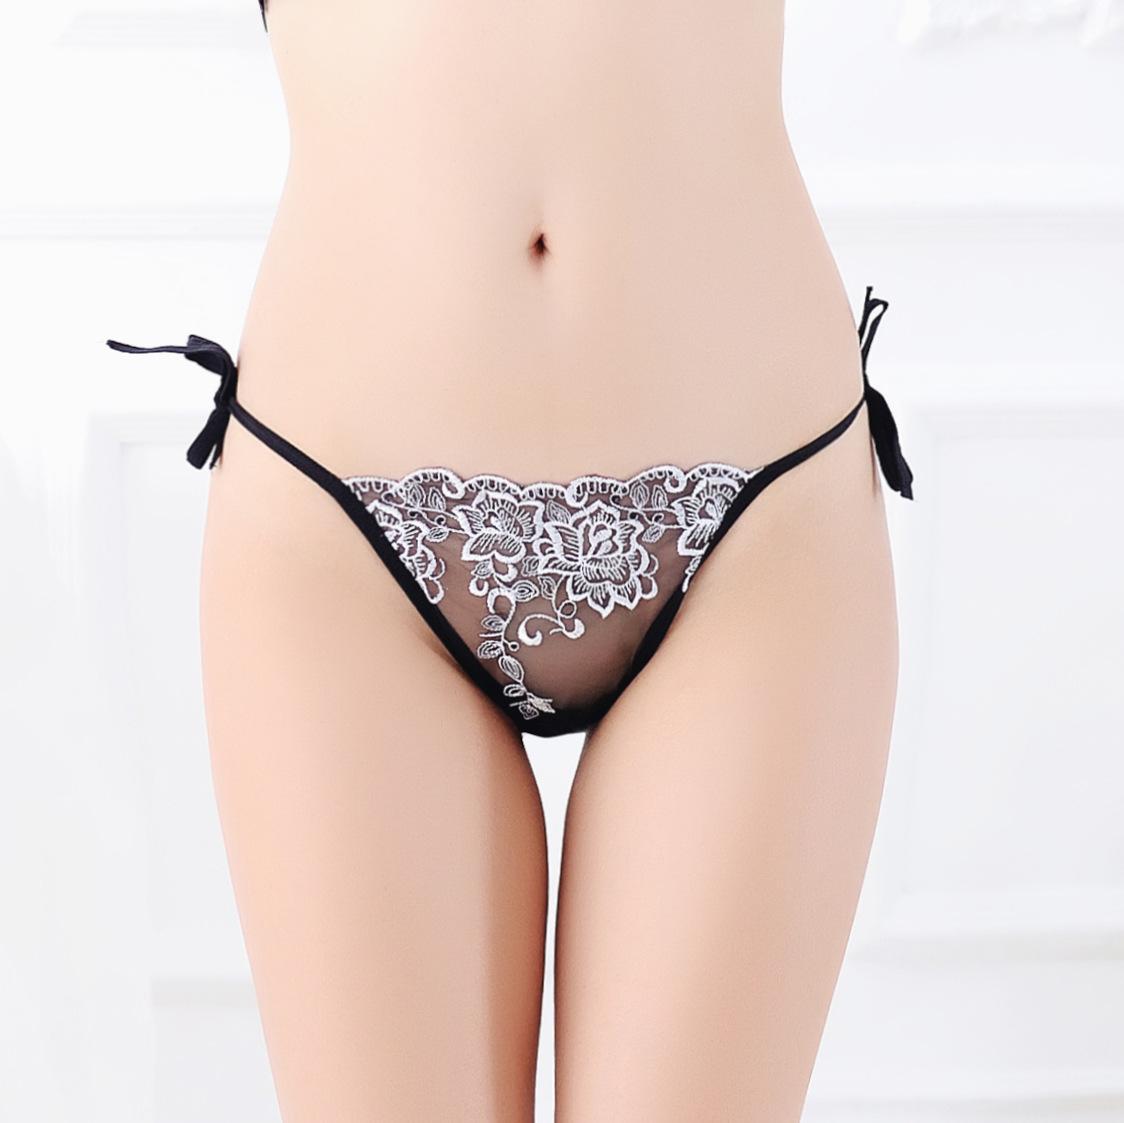 a732169c5012 Venta al por mayor ropa interior blanca transparente-Compre online ...